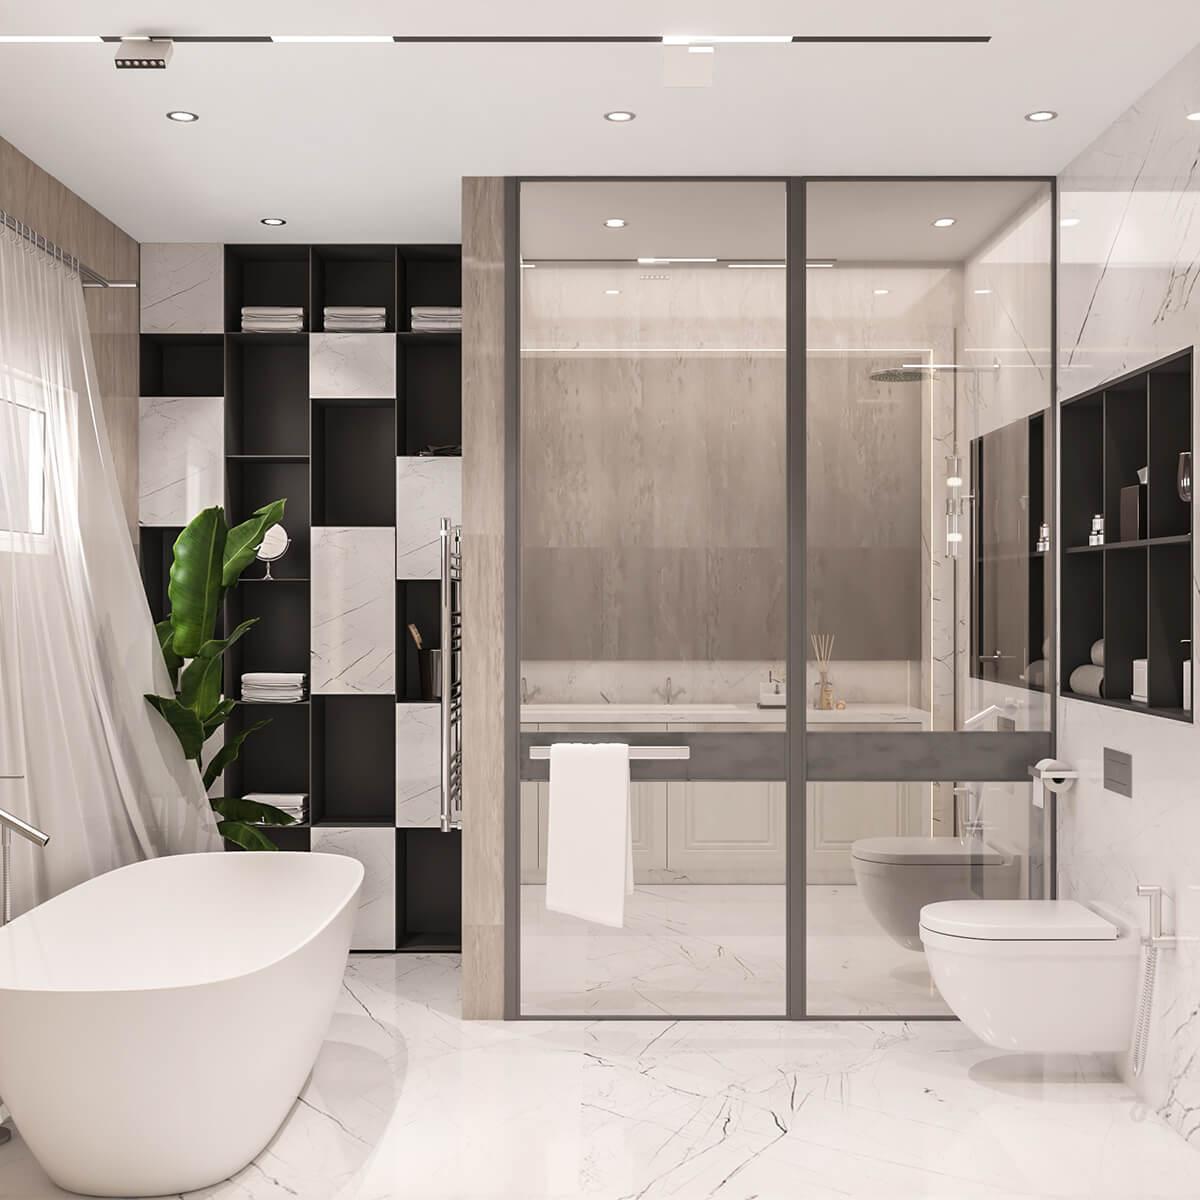 interioren-dizain-na-kashta-proekt-na-banya-2